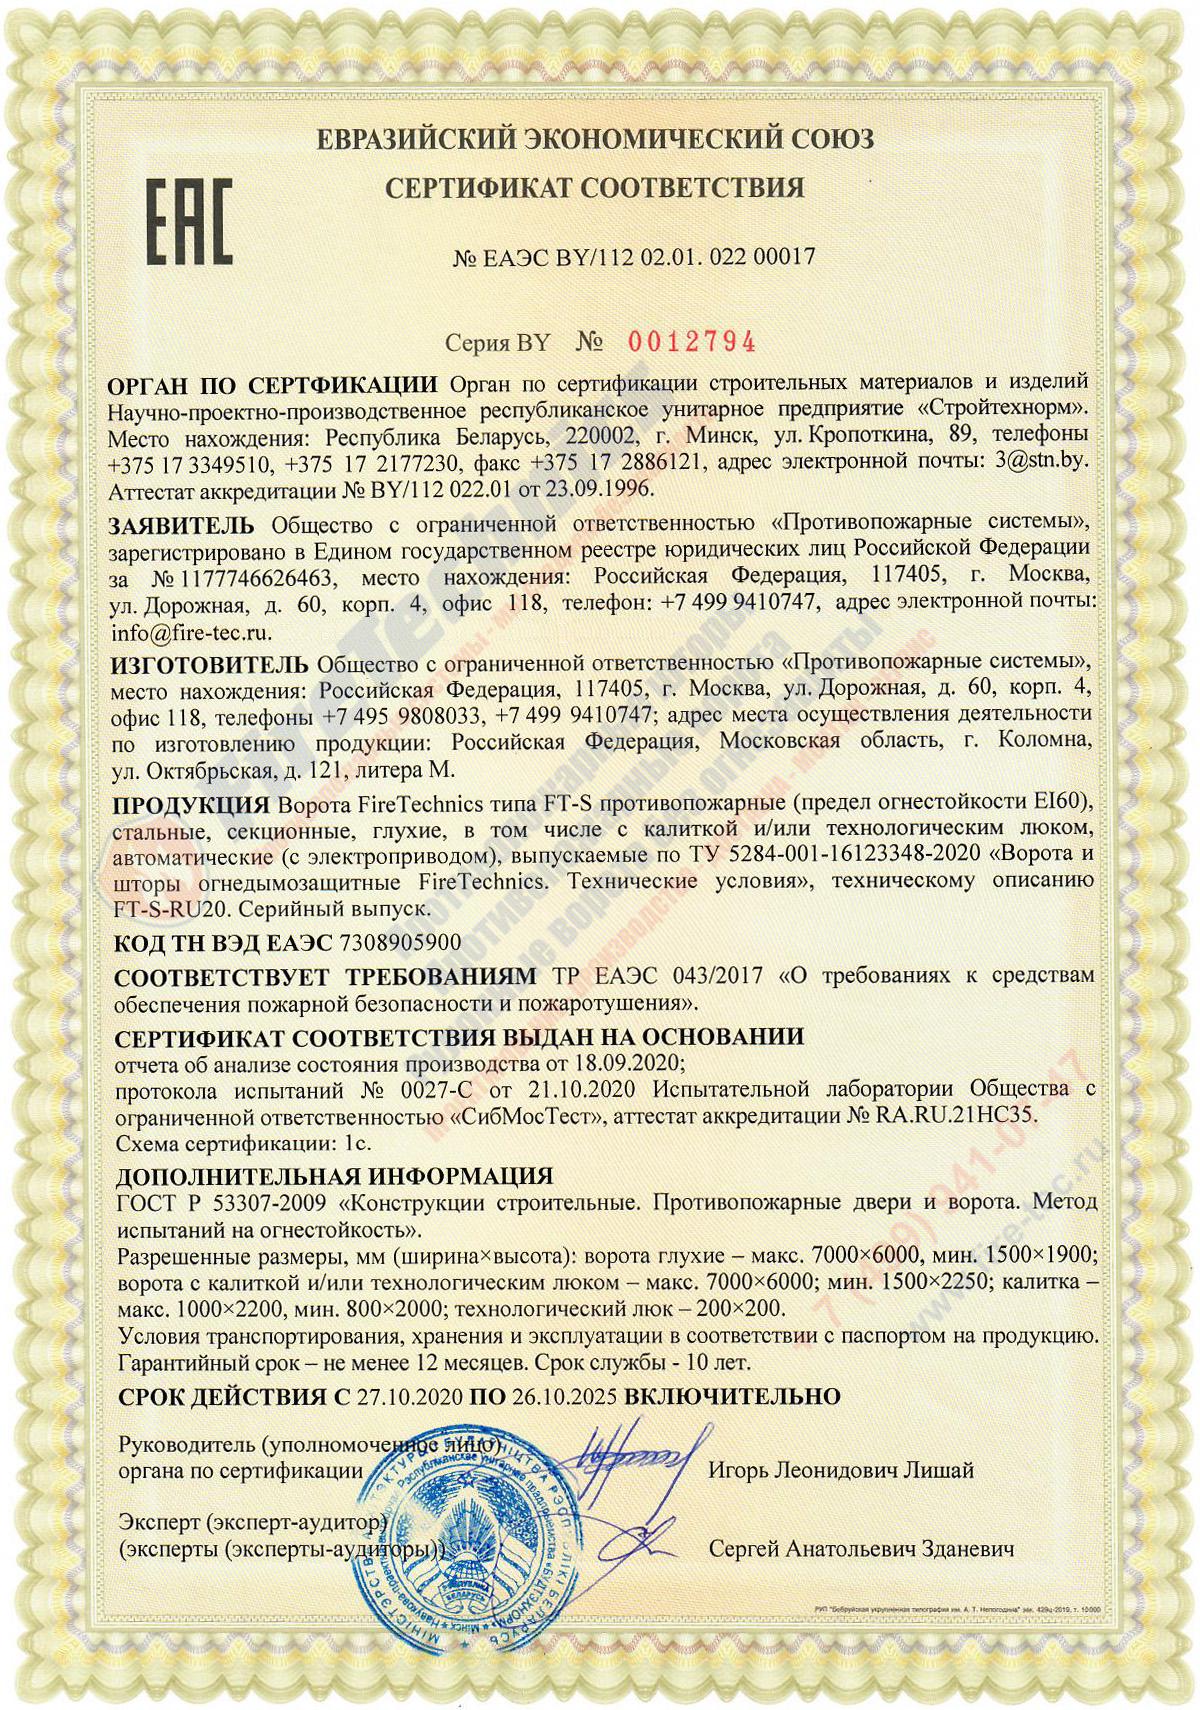 Сертификат на Секционные противопожарные ворота FireTechnics FT-S EI60, Казахстан